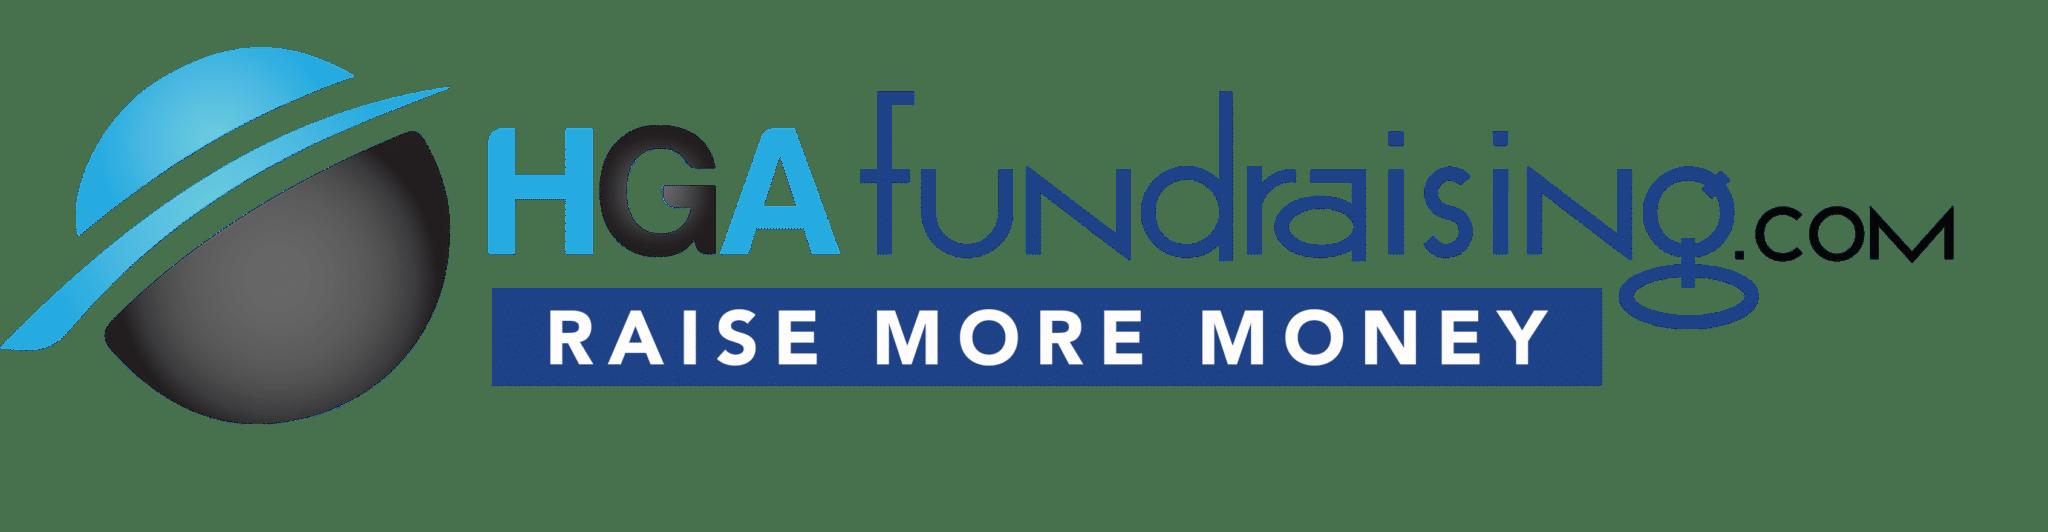 HGAfundraising